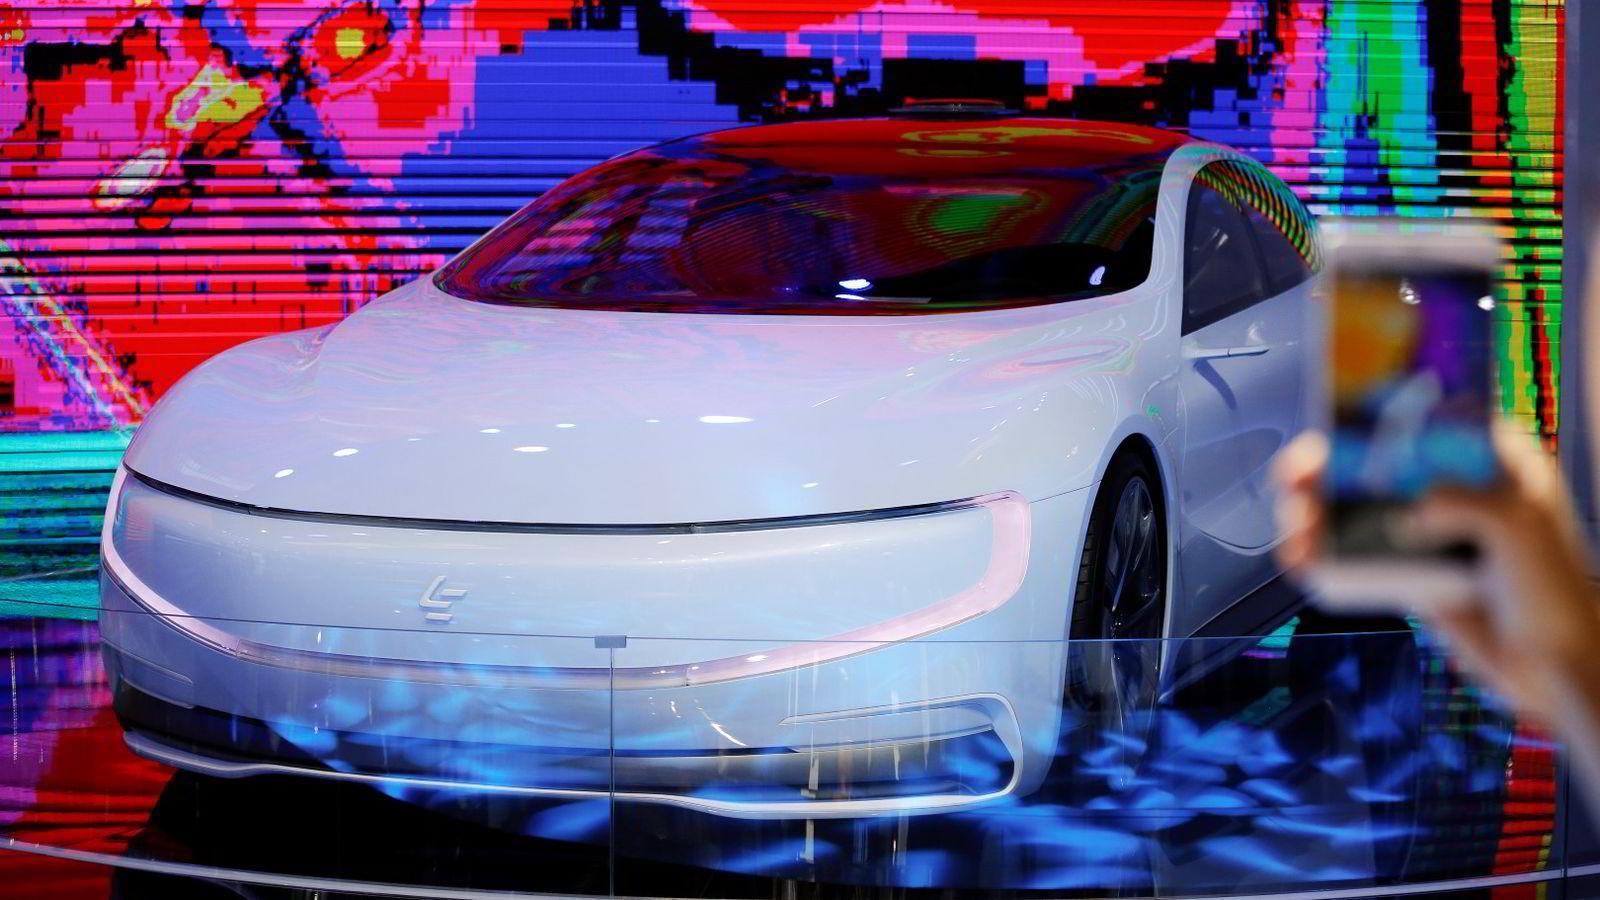 Konseptmodellen LeSee ble presentert på en bilutstilling i Beijing i April. Nå starter en storstilt satsing på bilen. Foto: Damir Sagolj/Reuters/NTB scanpix